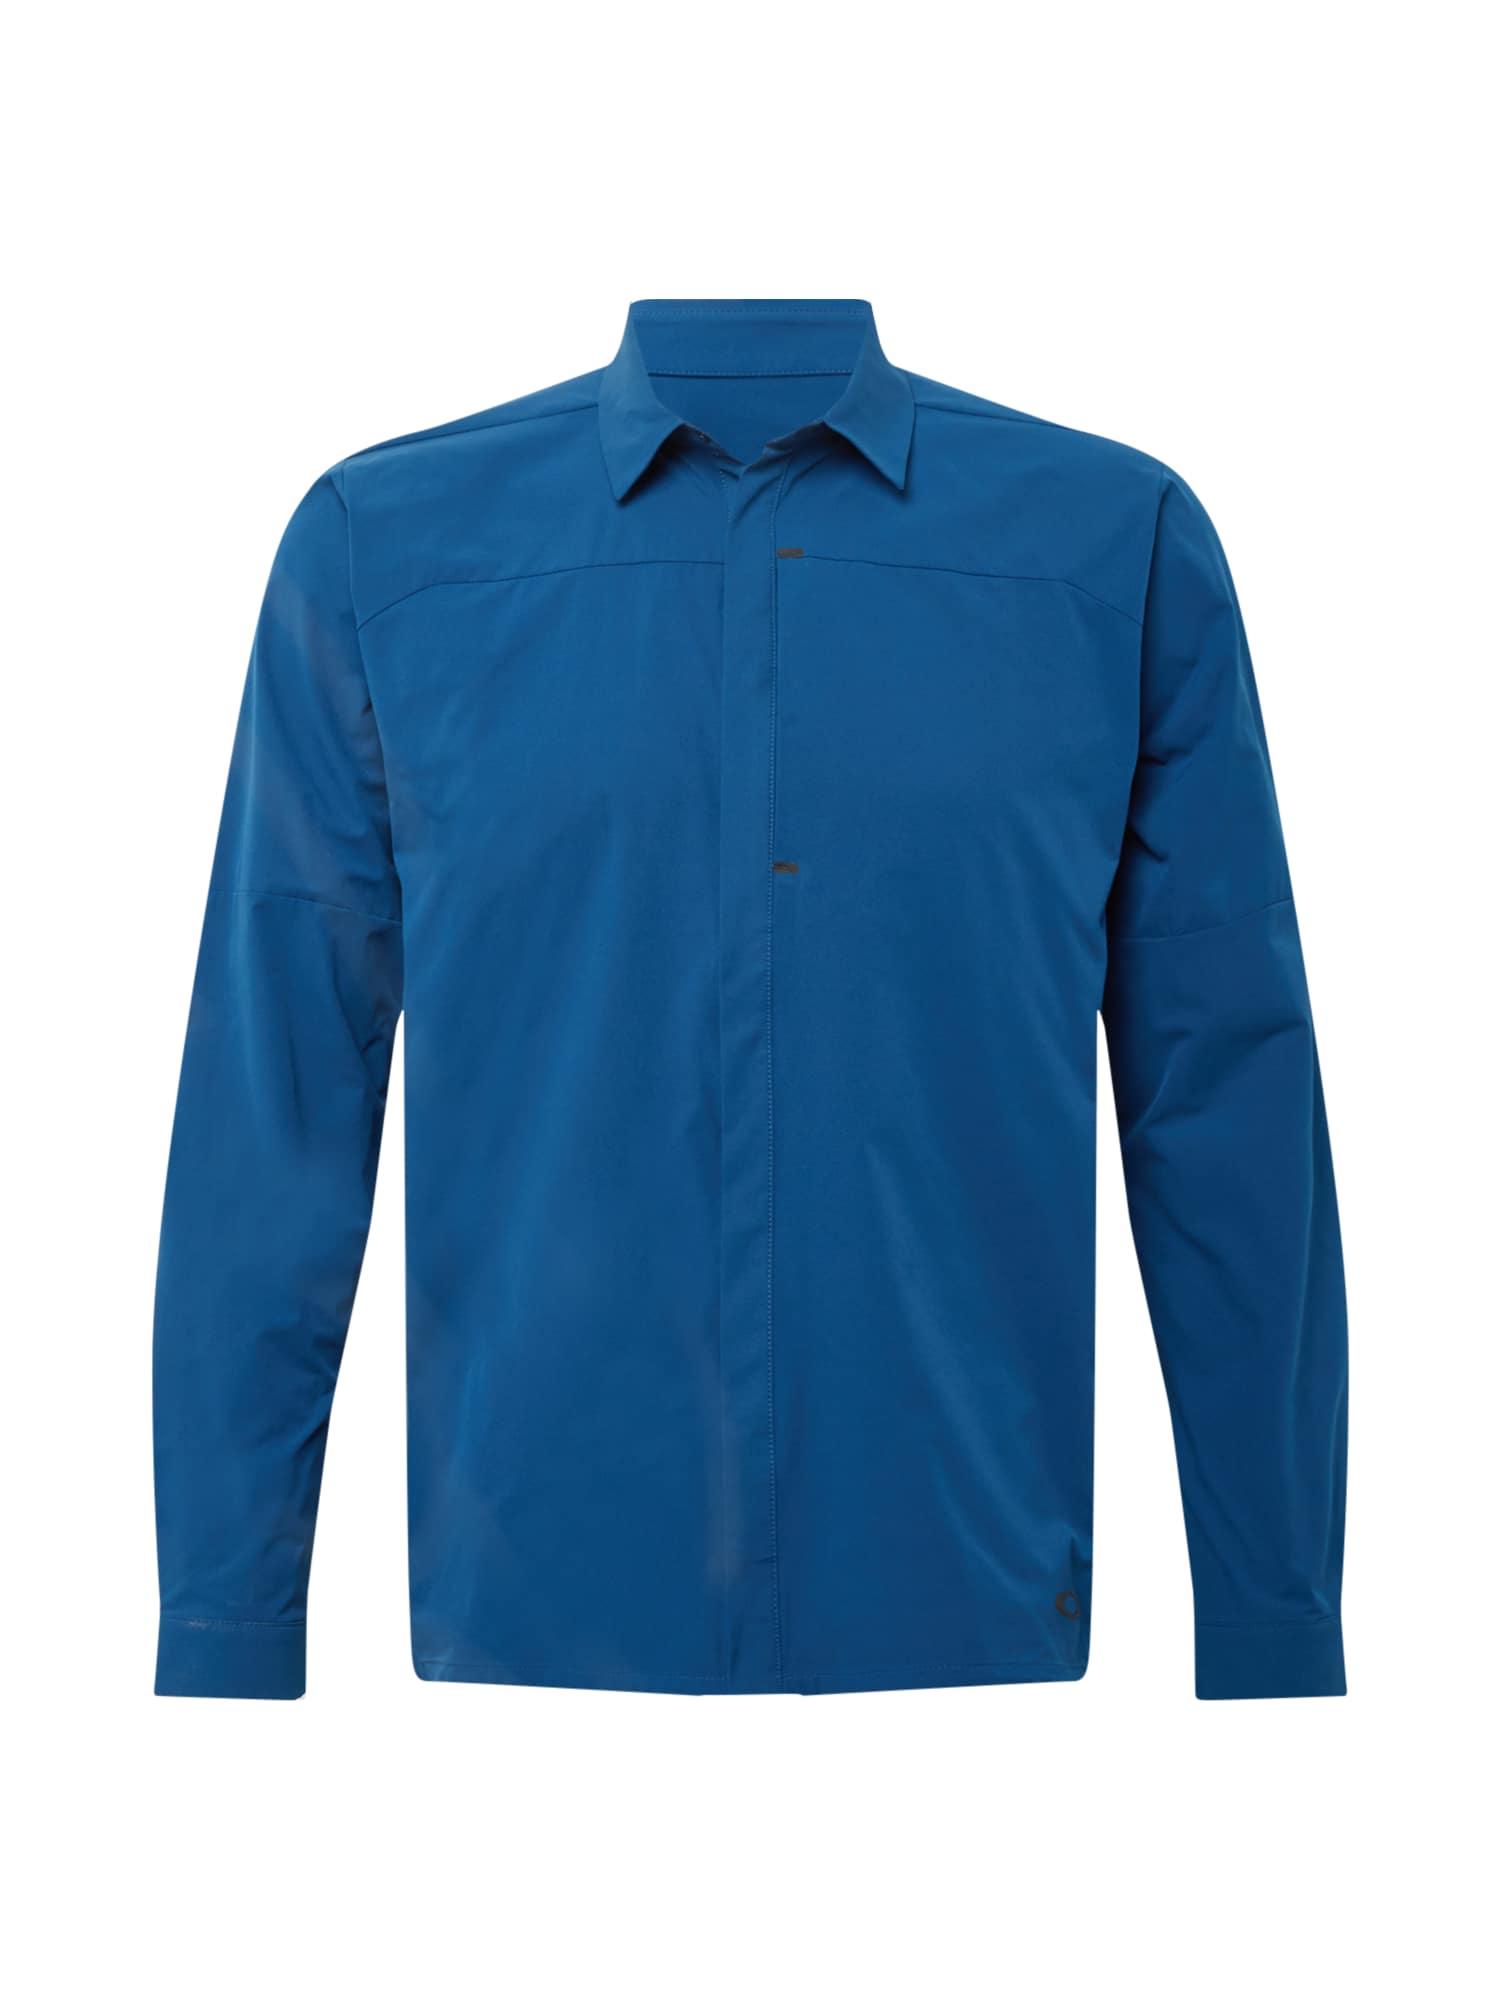 OAKLEY Funkciniai marškiniai tamsiai mėlyna